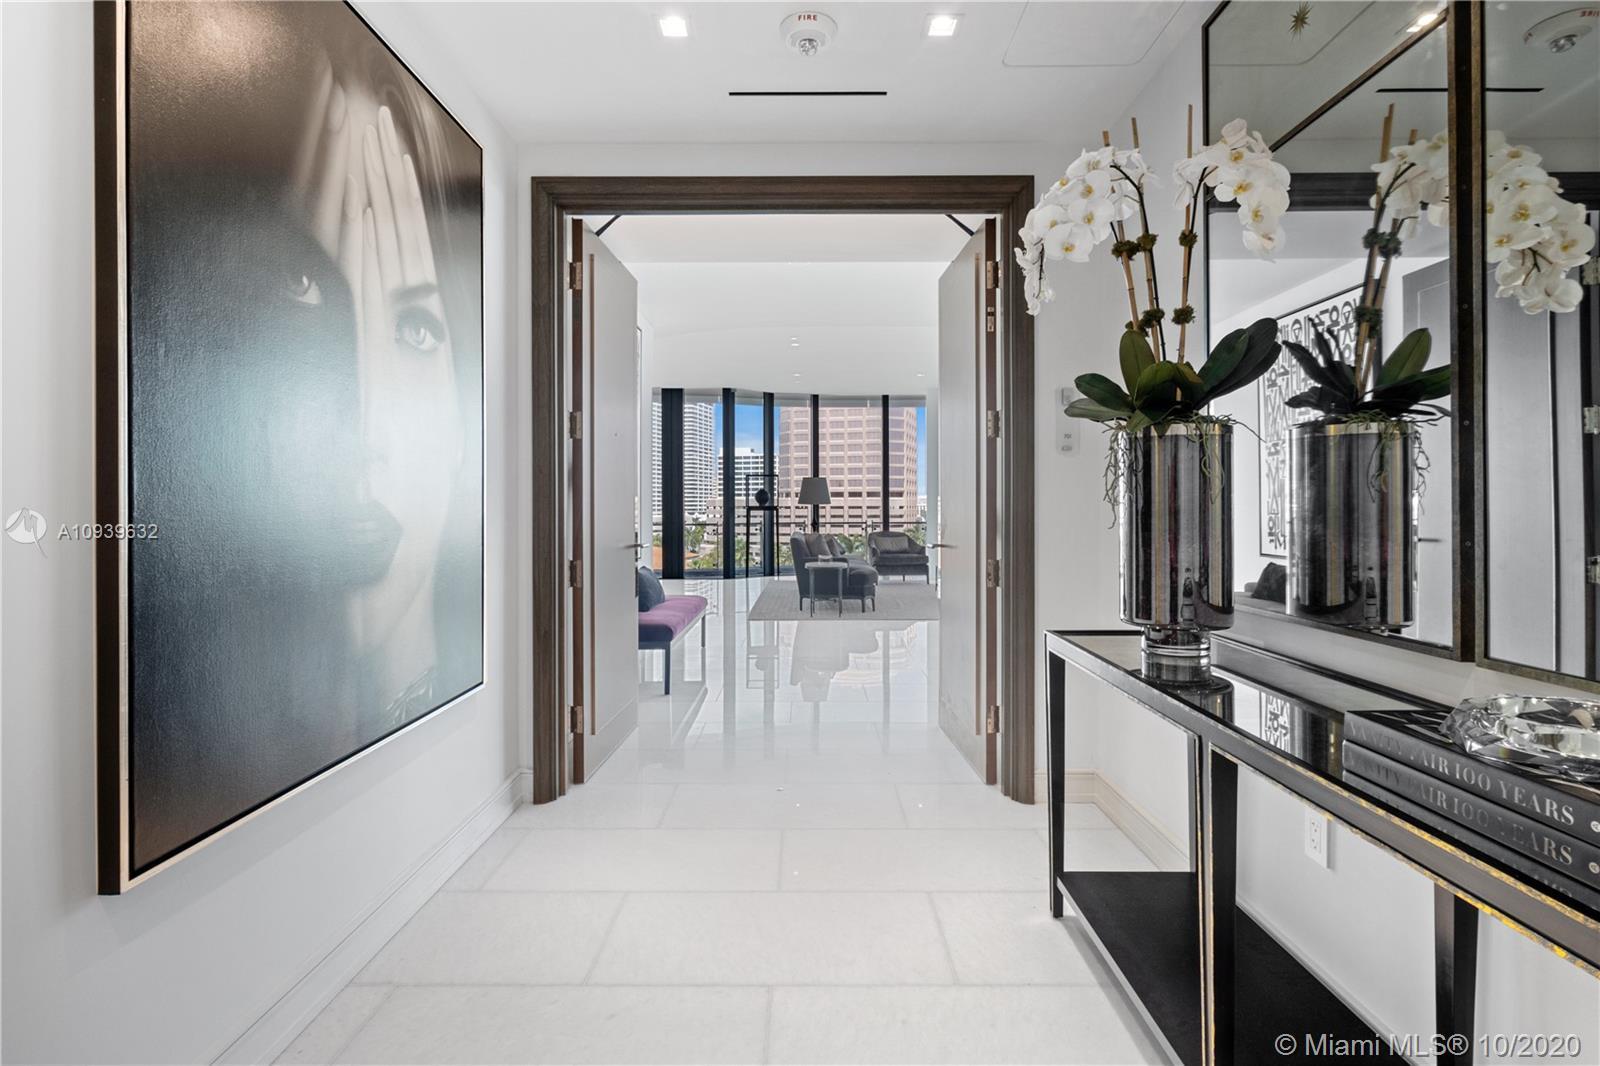 1100 S Flagler Dr, Unit #701 Luxury Real Estate